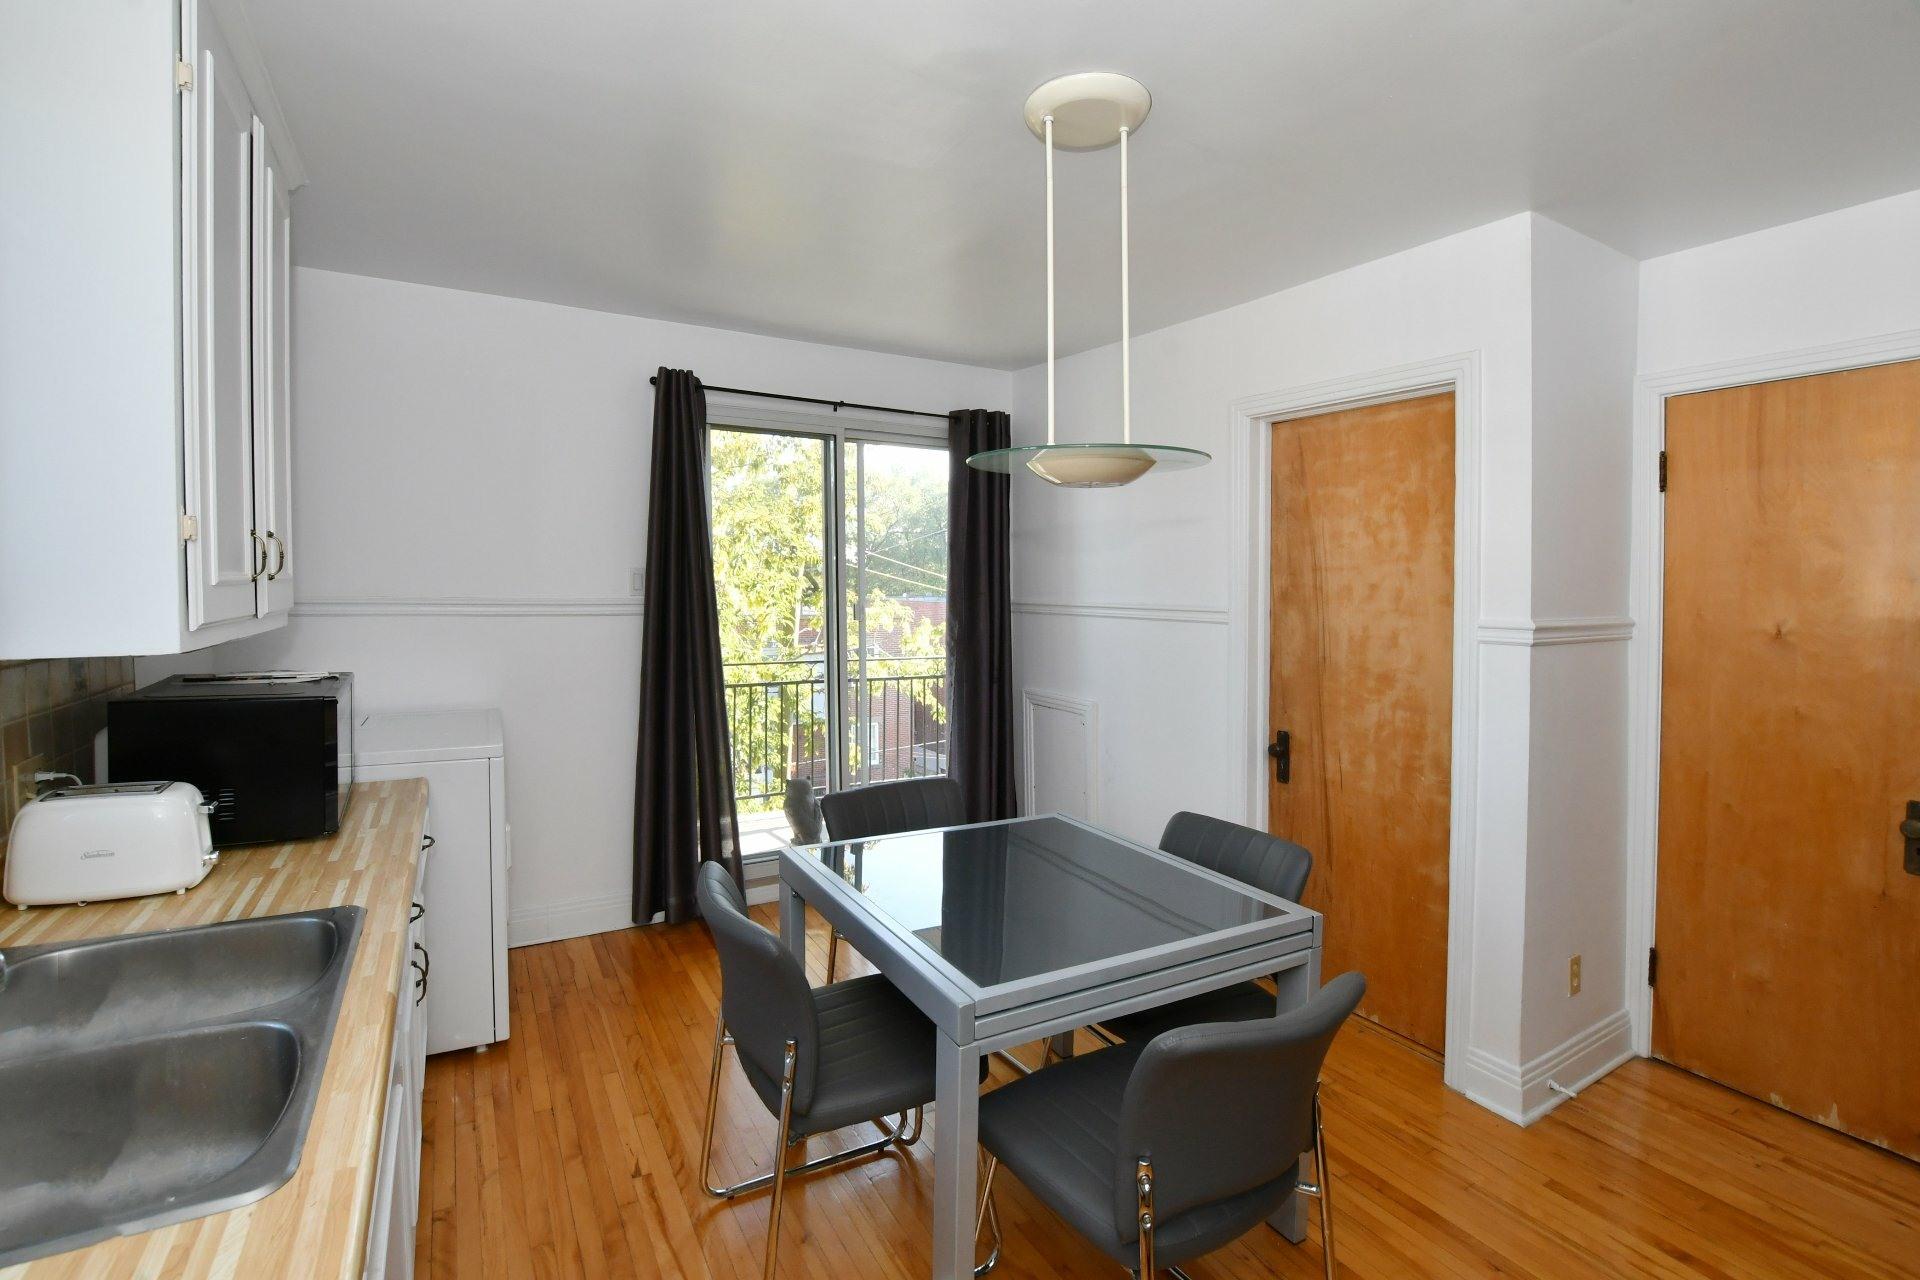 image 4 - Immeuble à revenus À vendre Villeray/Saint-Michel/Parc-Extension Montréal  - 4 pièces